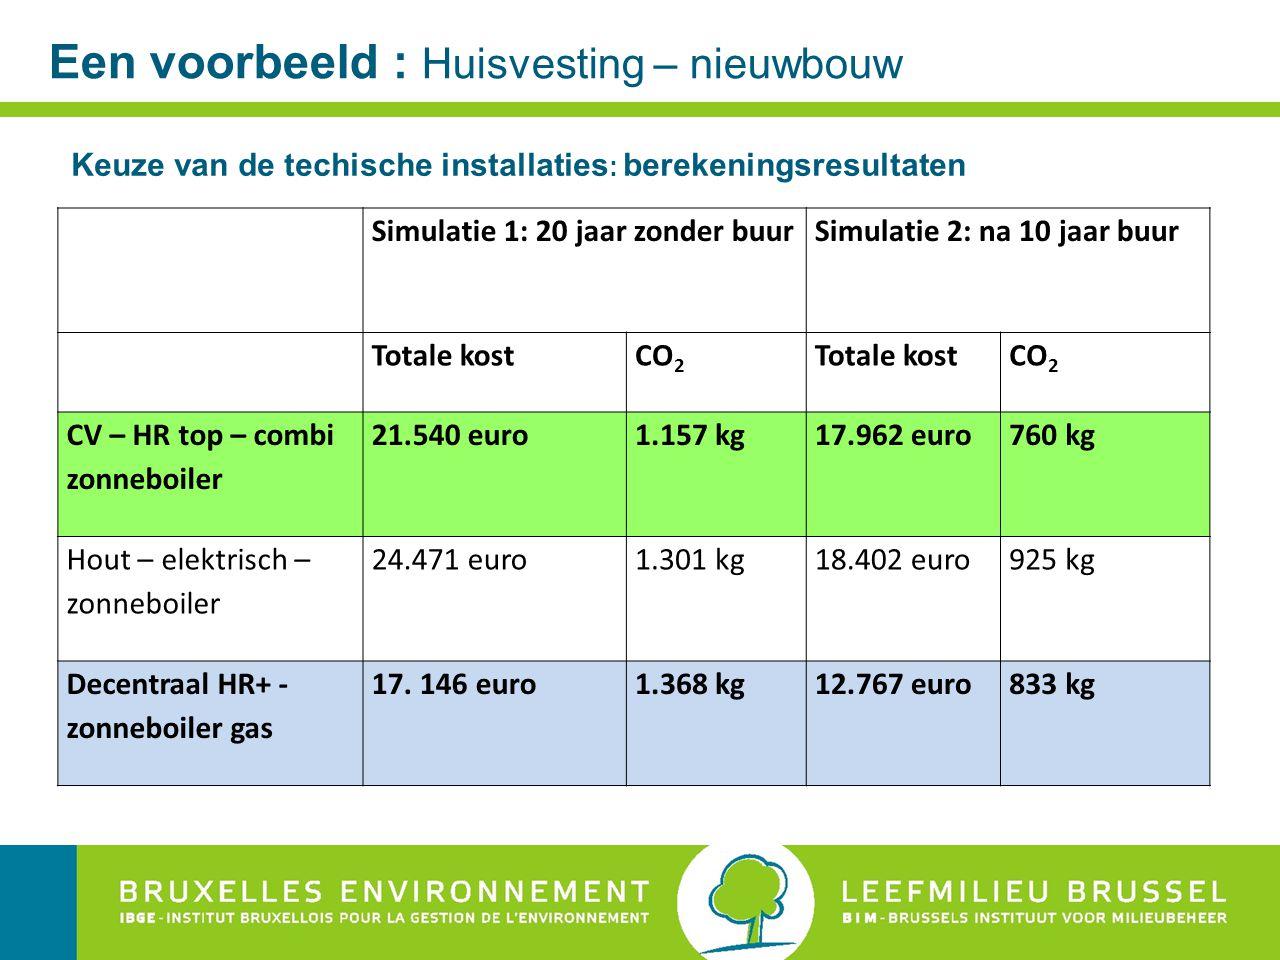 Een voorbeeld : Huisvesting – nieuwbouw Keuze van de techische installaties : berekeningsresultaten Simulatie 1: 20 jaar zonder buurSimulatie 2: na 10 jaar buur Totale kostCO 2 Totale kostCO 2 CV – HR top – combi zonneboiler 21.540 euro1.157 kg17.962 euro760 kg Hout – elektrisch – zonneboiler 24.471 euro1.301 kg18.402 euro925 kg Decentraal HR+ - zonneboiler gas 17.